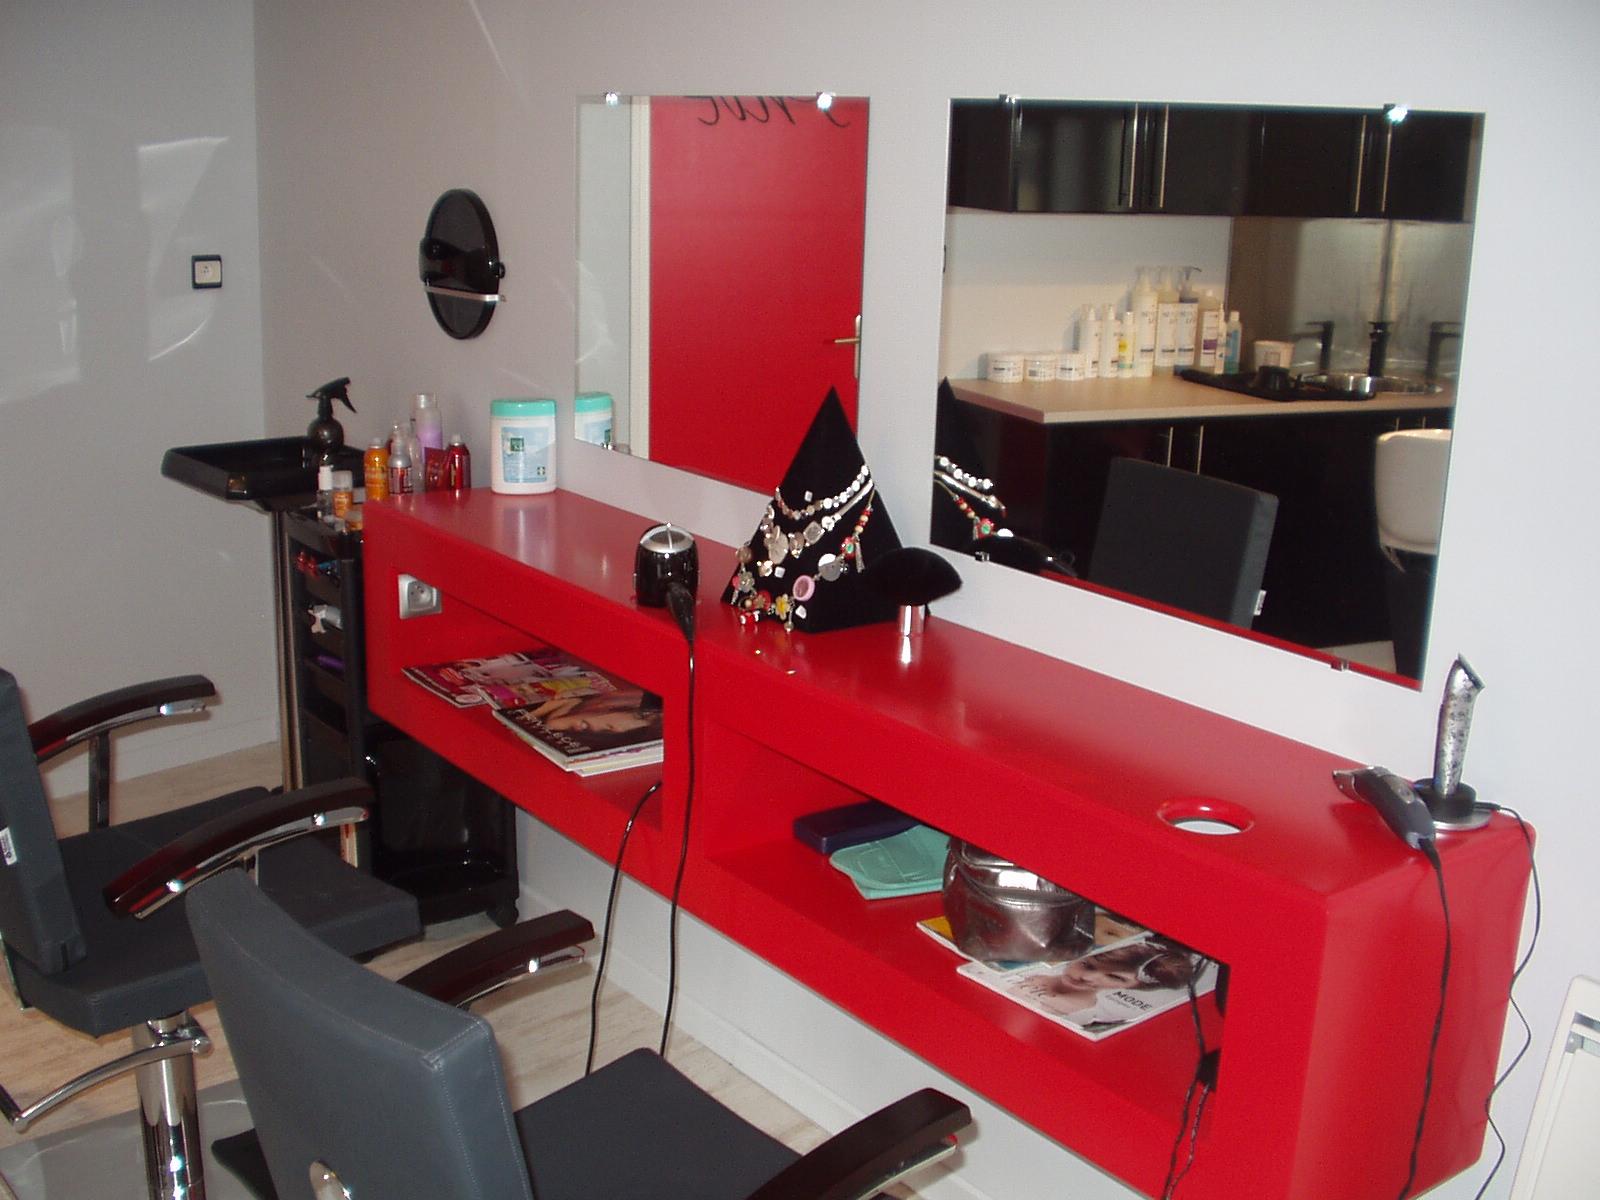 Salon de coiffure ouvert le lundi - Salon ouvert ...